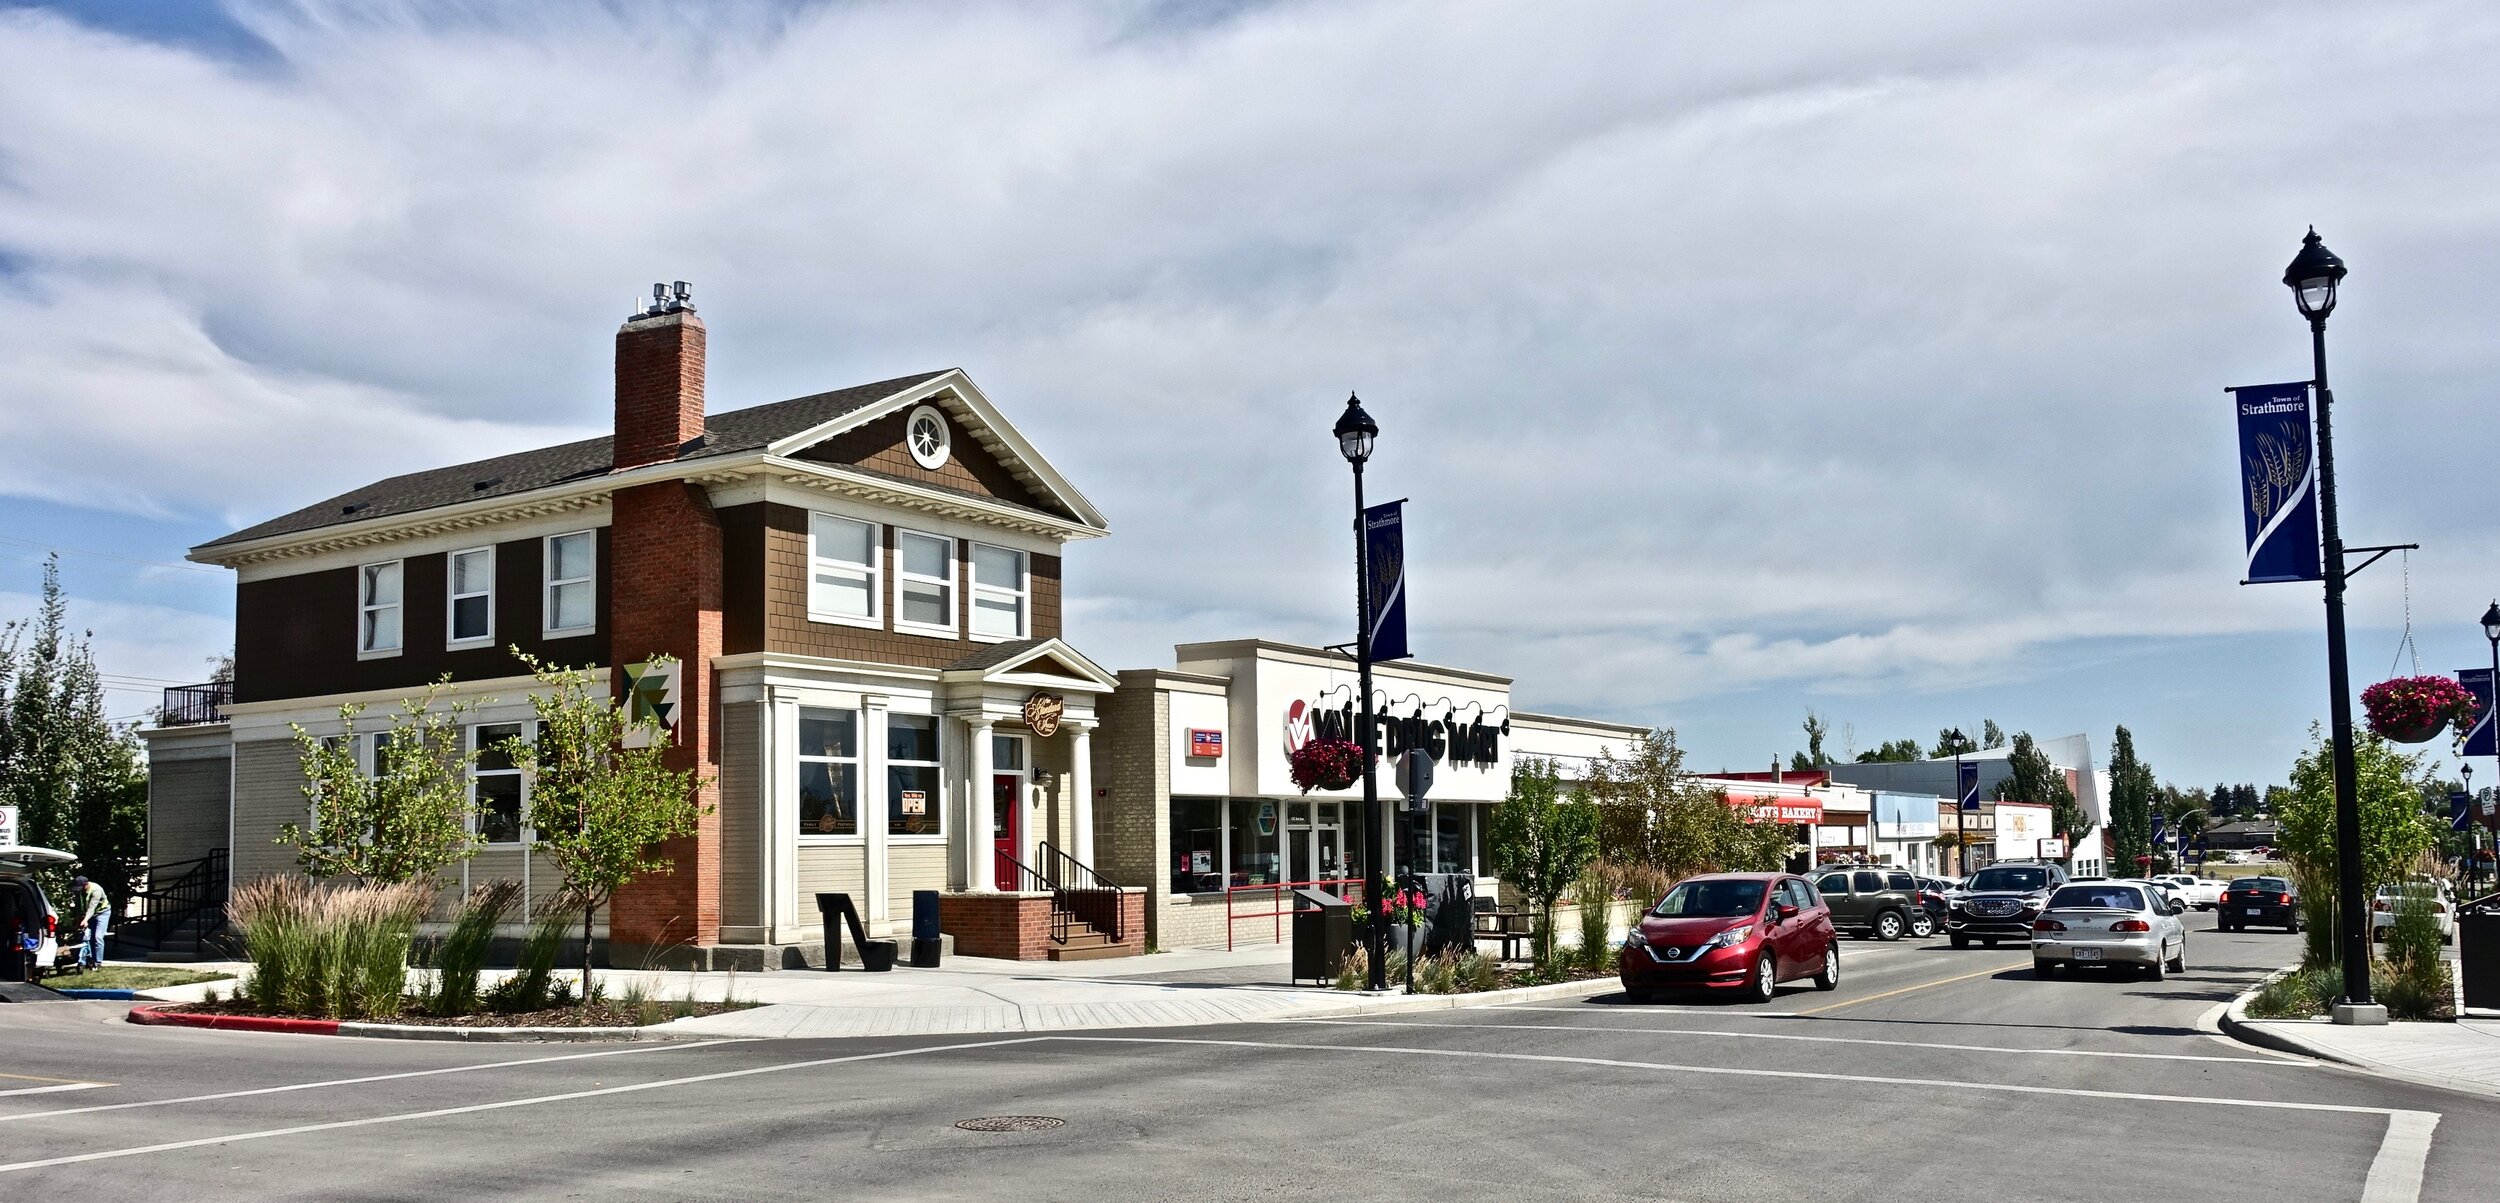 Strathmore's Main Street.